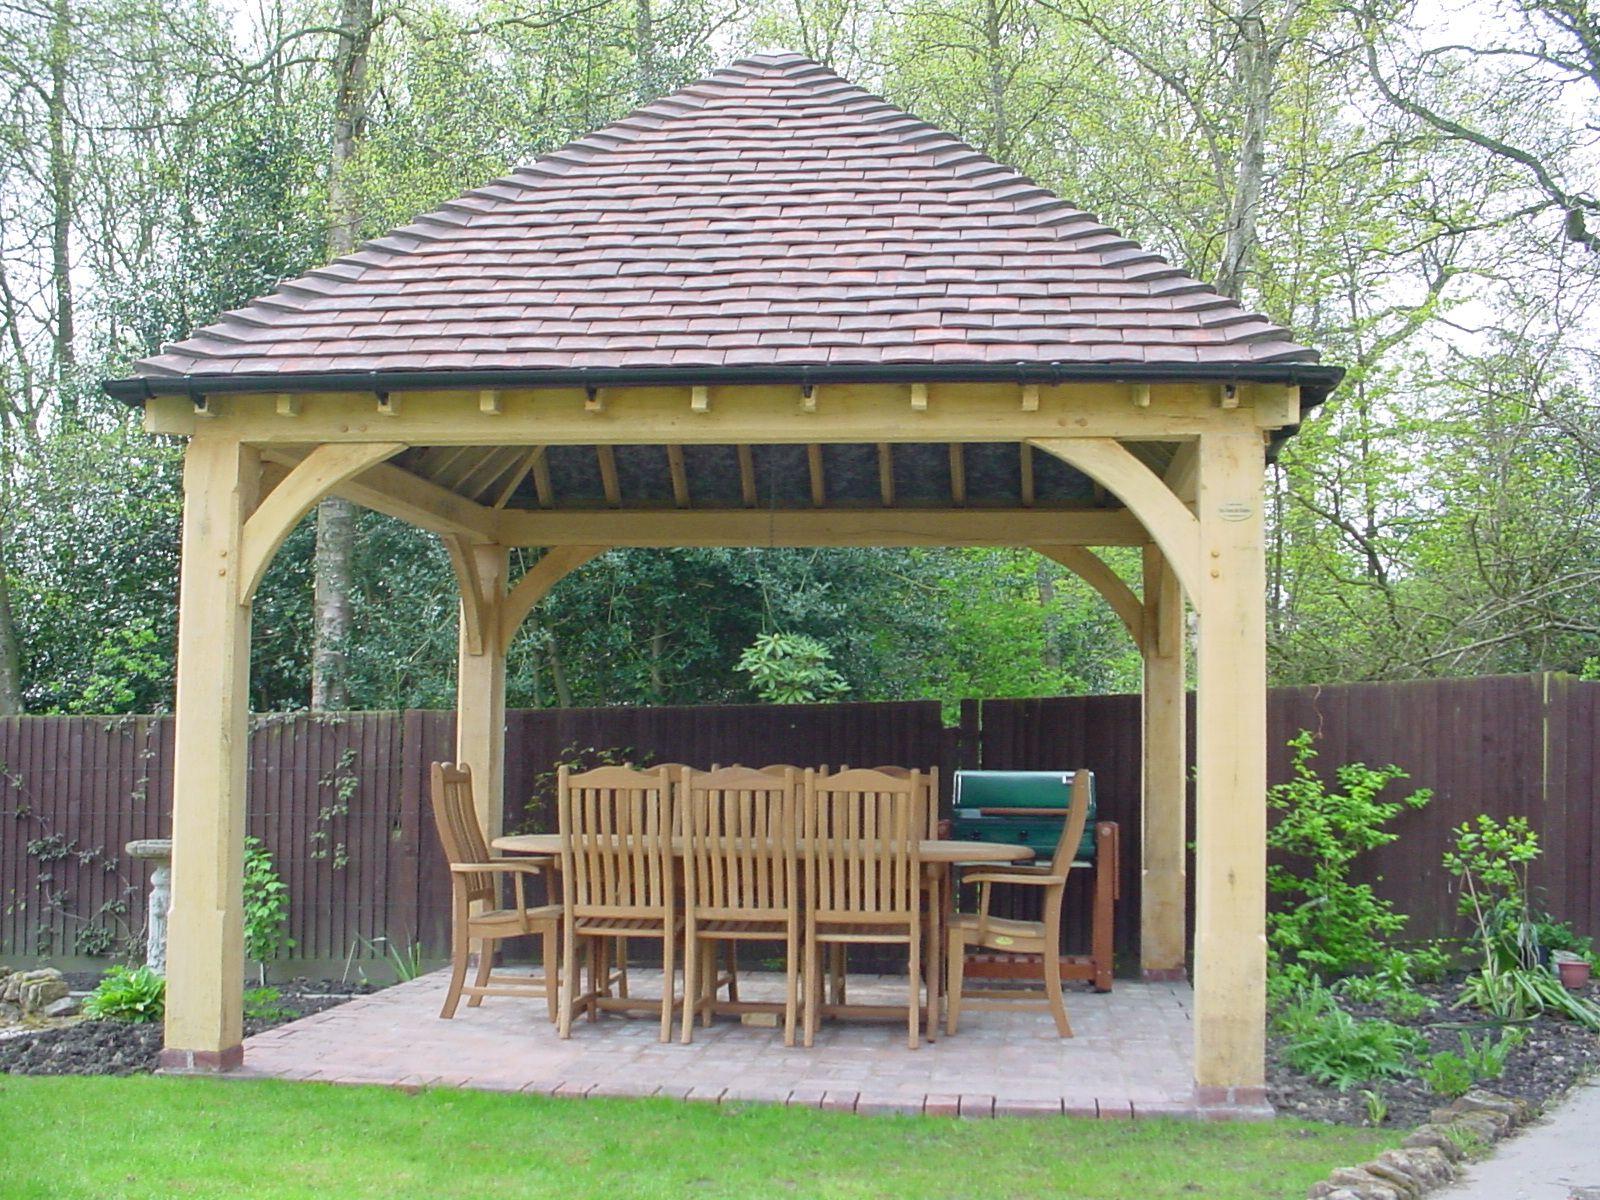 green oak garden gazebo pictures - Google Search | Gazebo ...